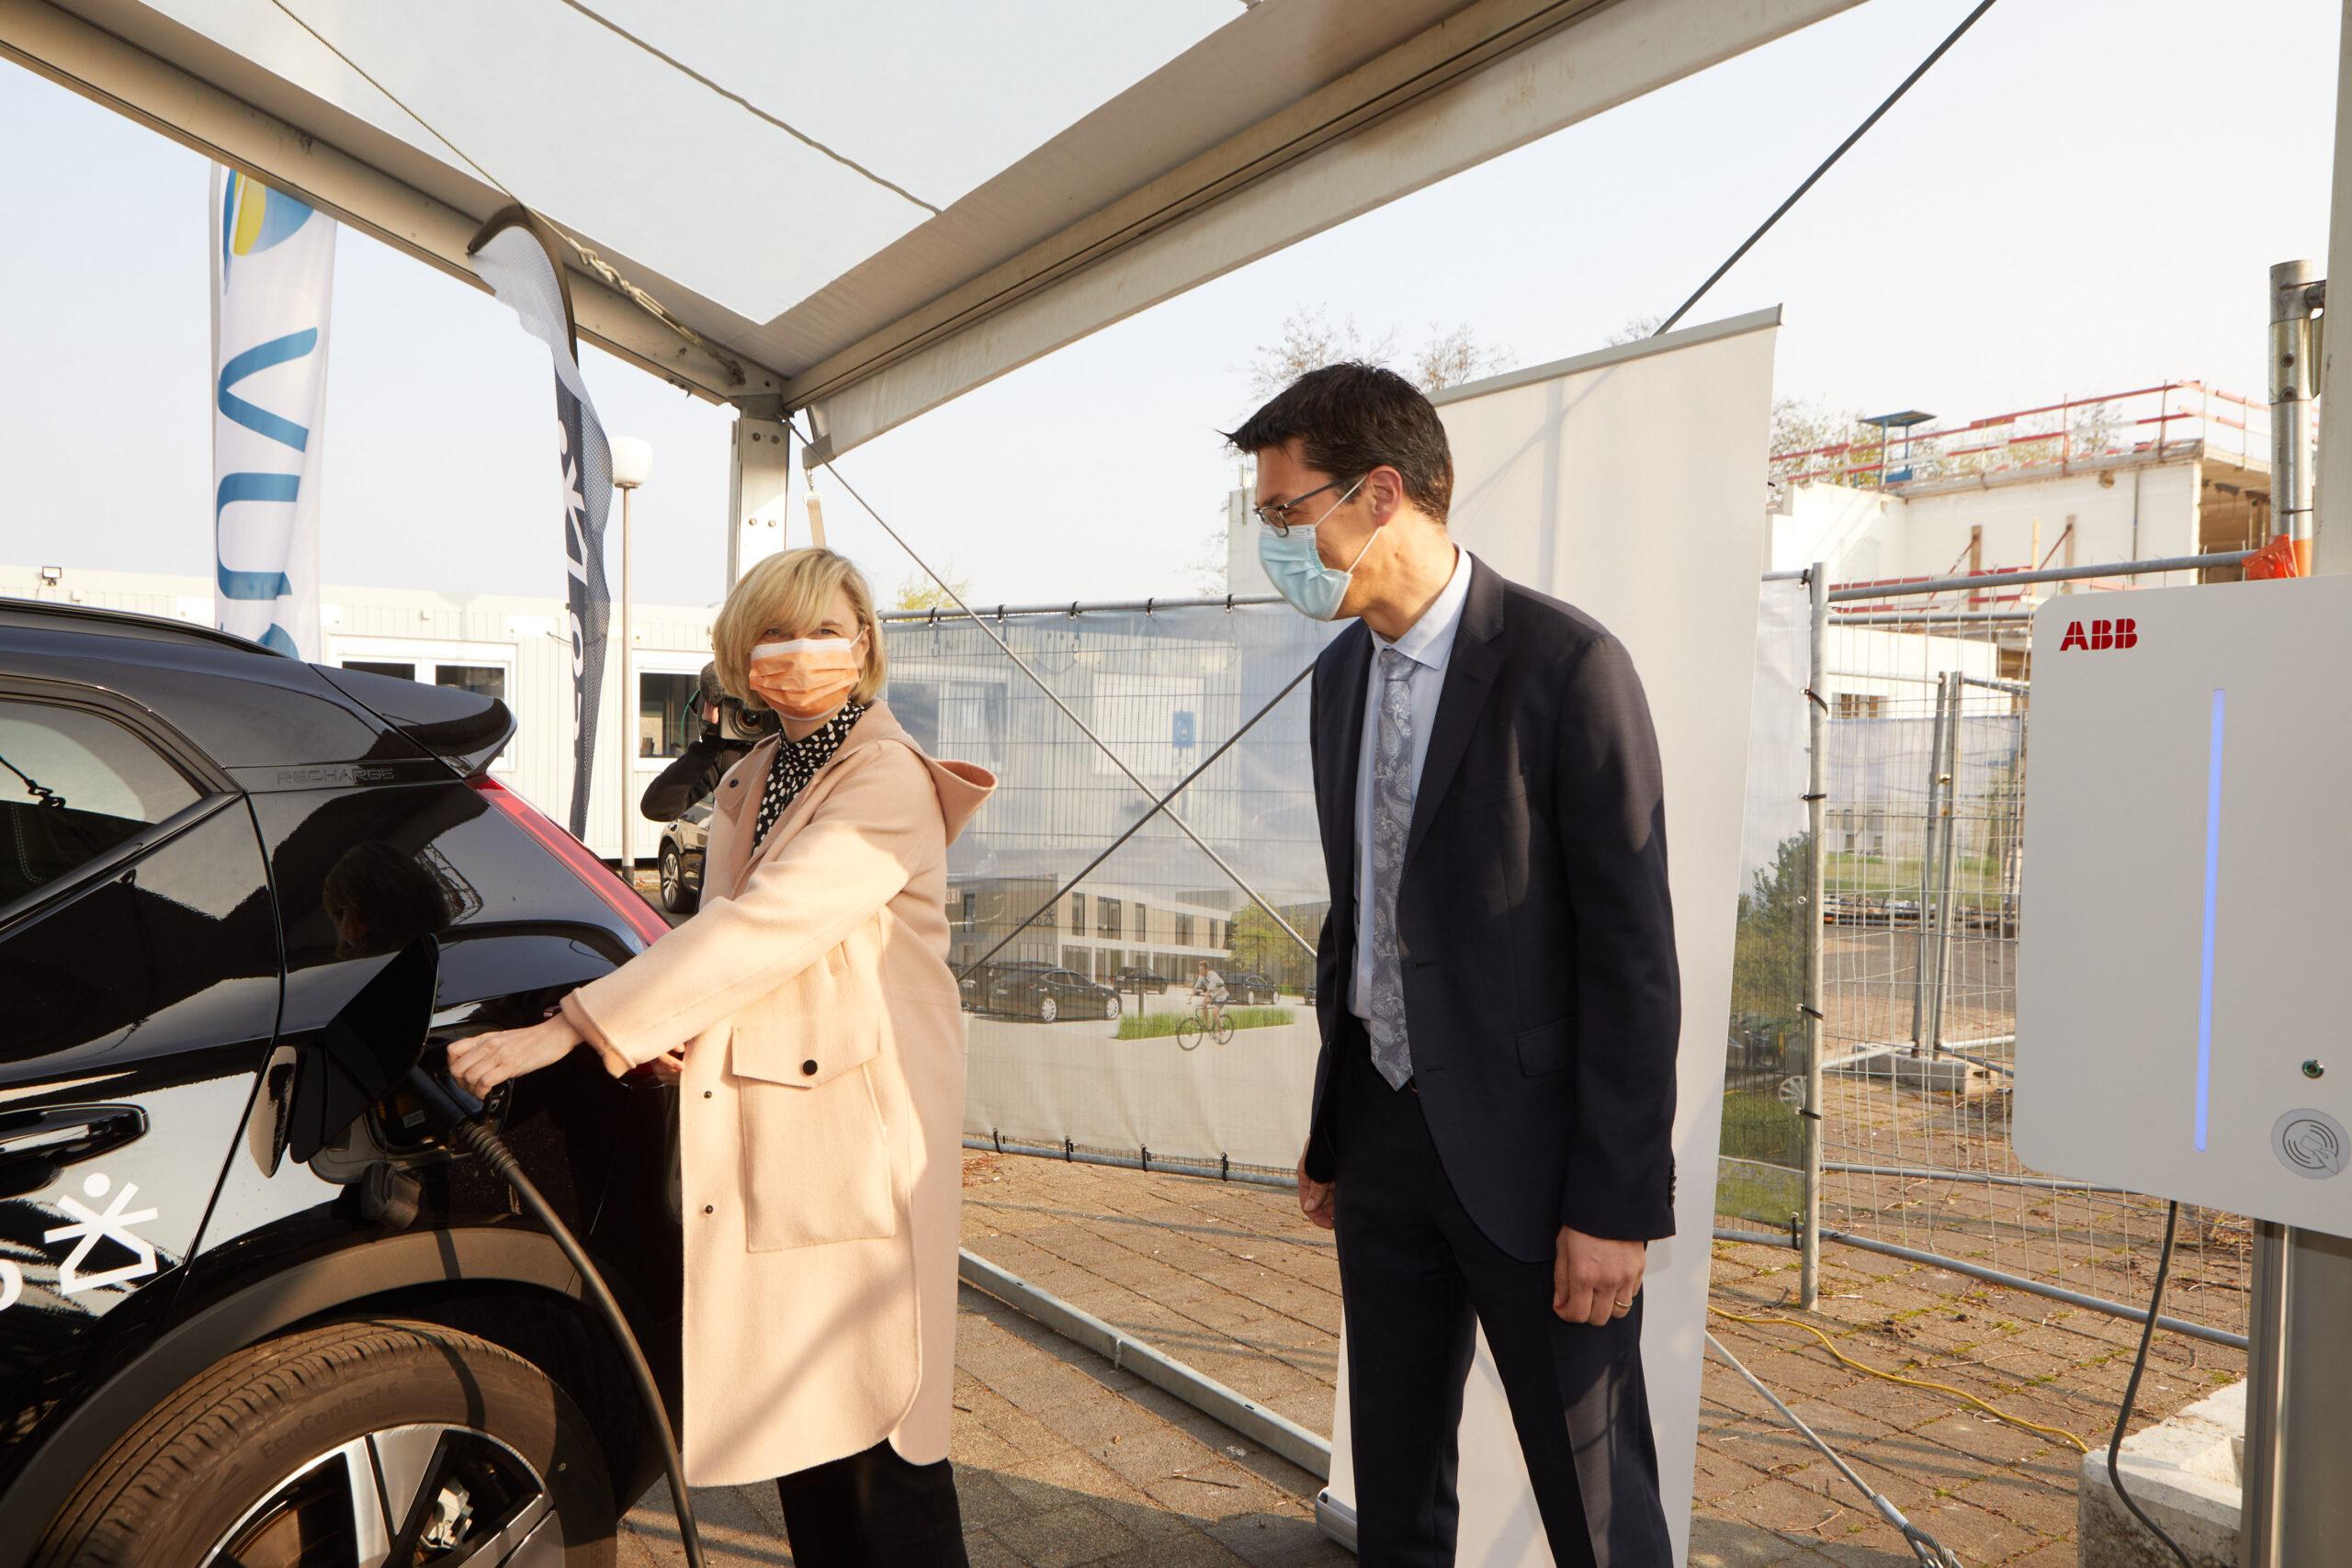 Thème du mois : Technologie au service des gens – Vehicle-to-grid bureau Sweco à Zelzate